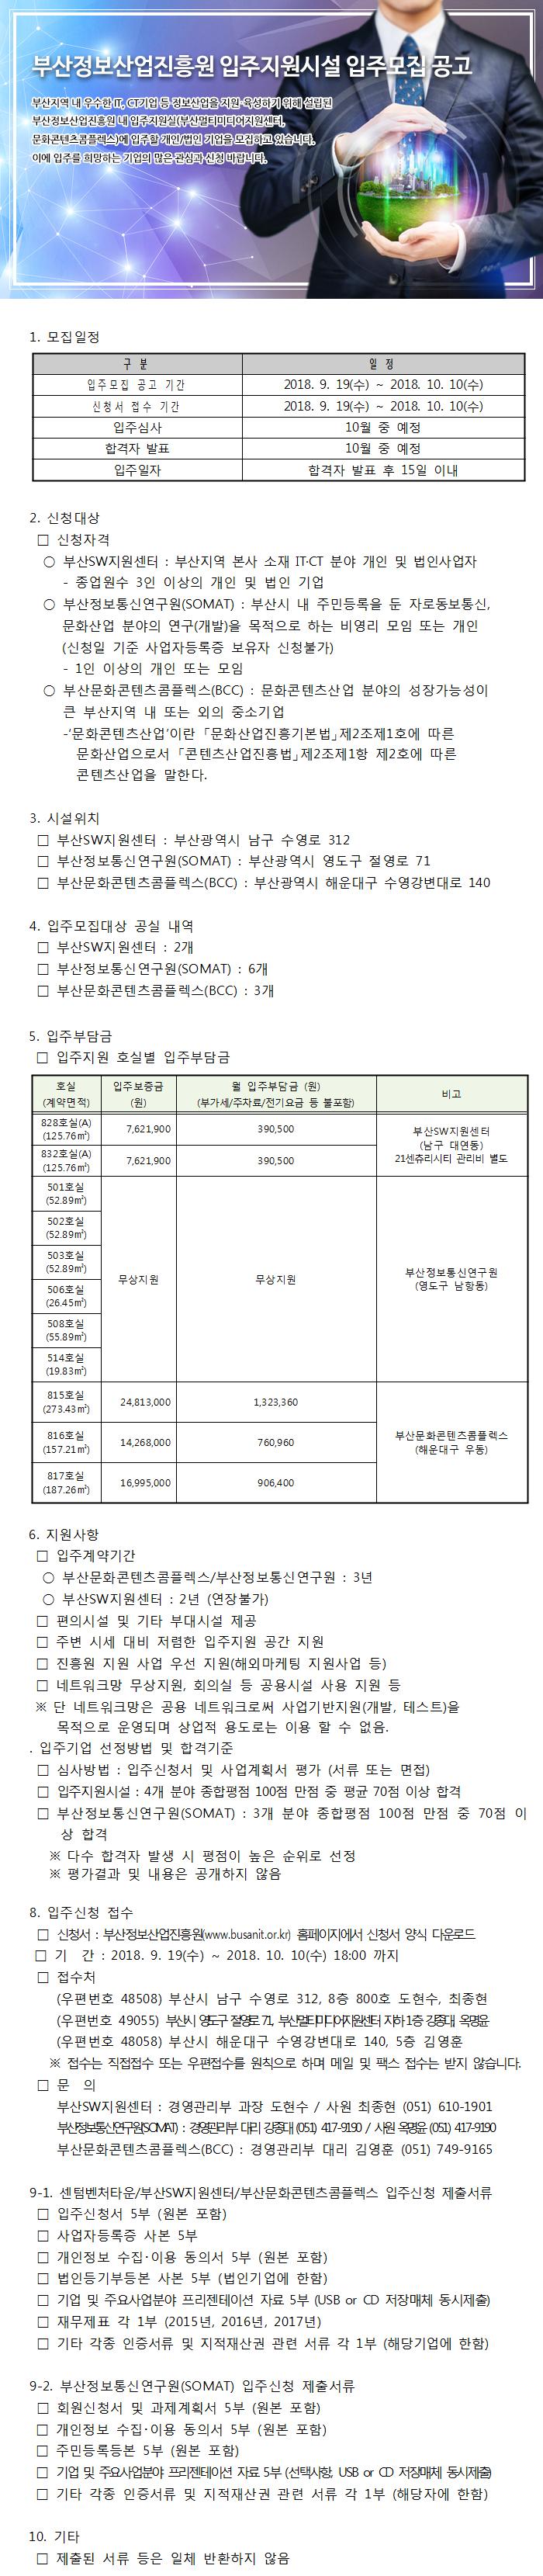 부산정보산업진흥원 입주지원시설 입주모집 공고